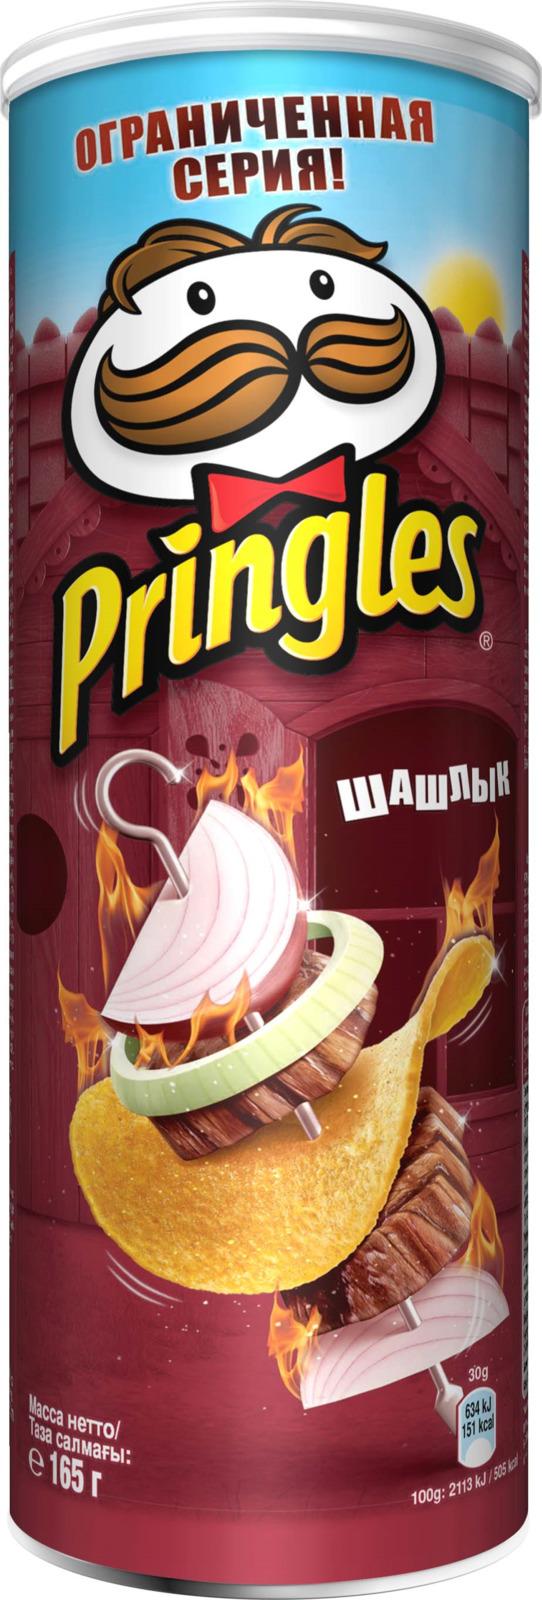 Чипсы Pringles картофельные со вкусом шашлыка, 165 г чипсы картофельные русская картошка колбаски гриль 150 г